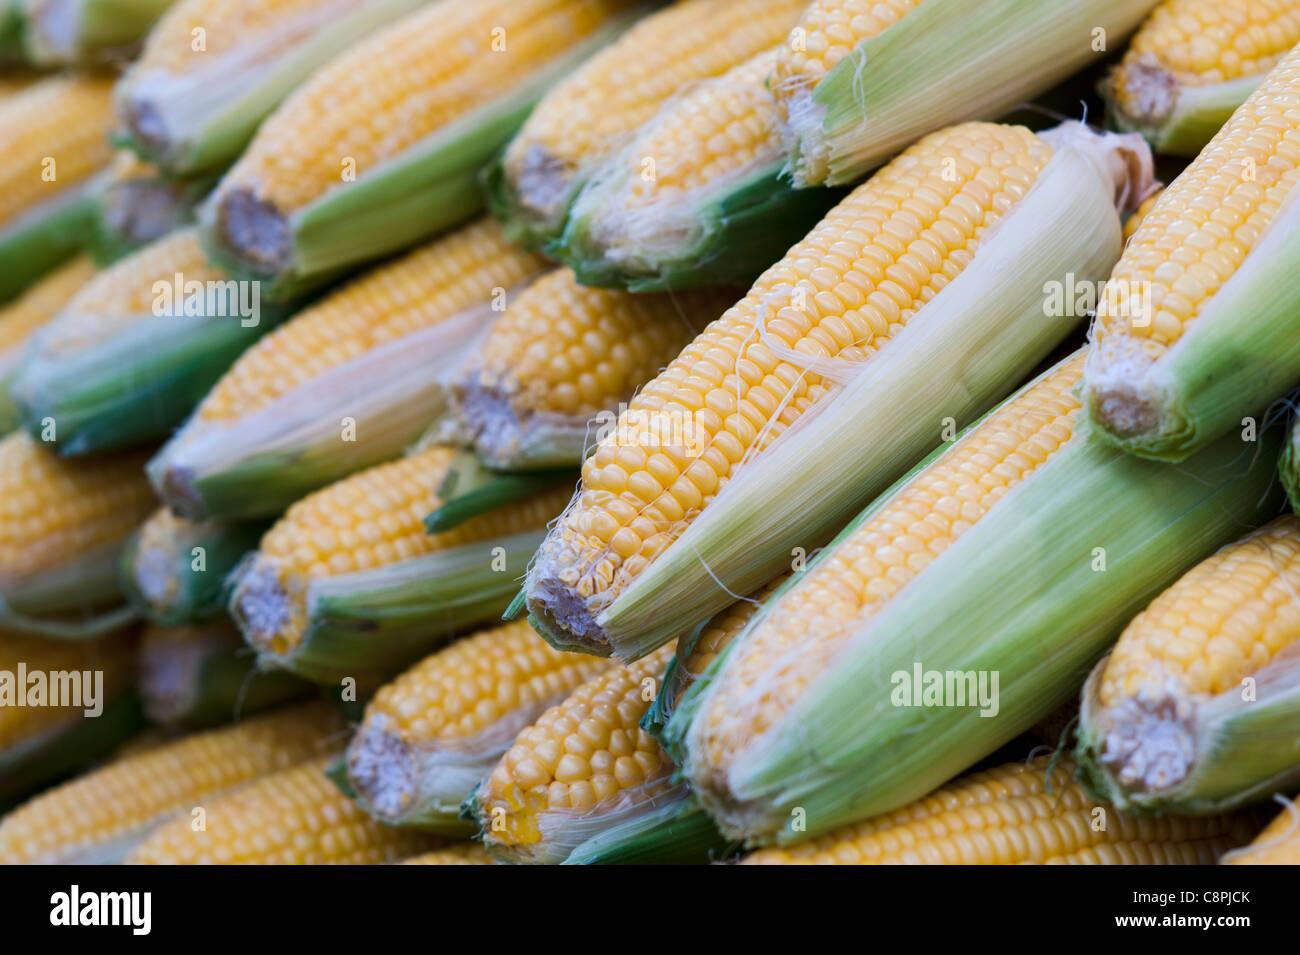 Le maïs dans un stand alimentaire sur le marché. Photo Stock